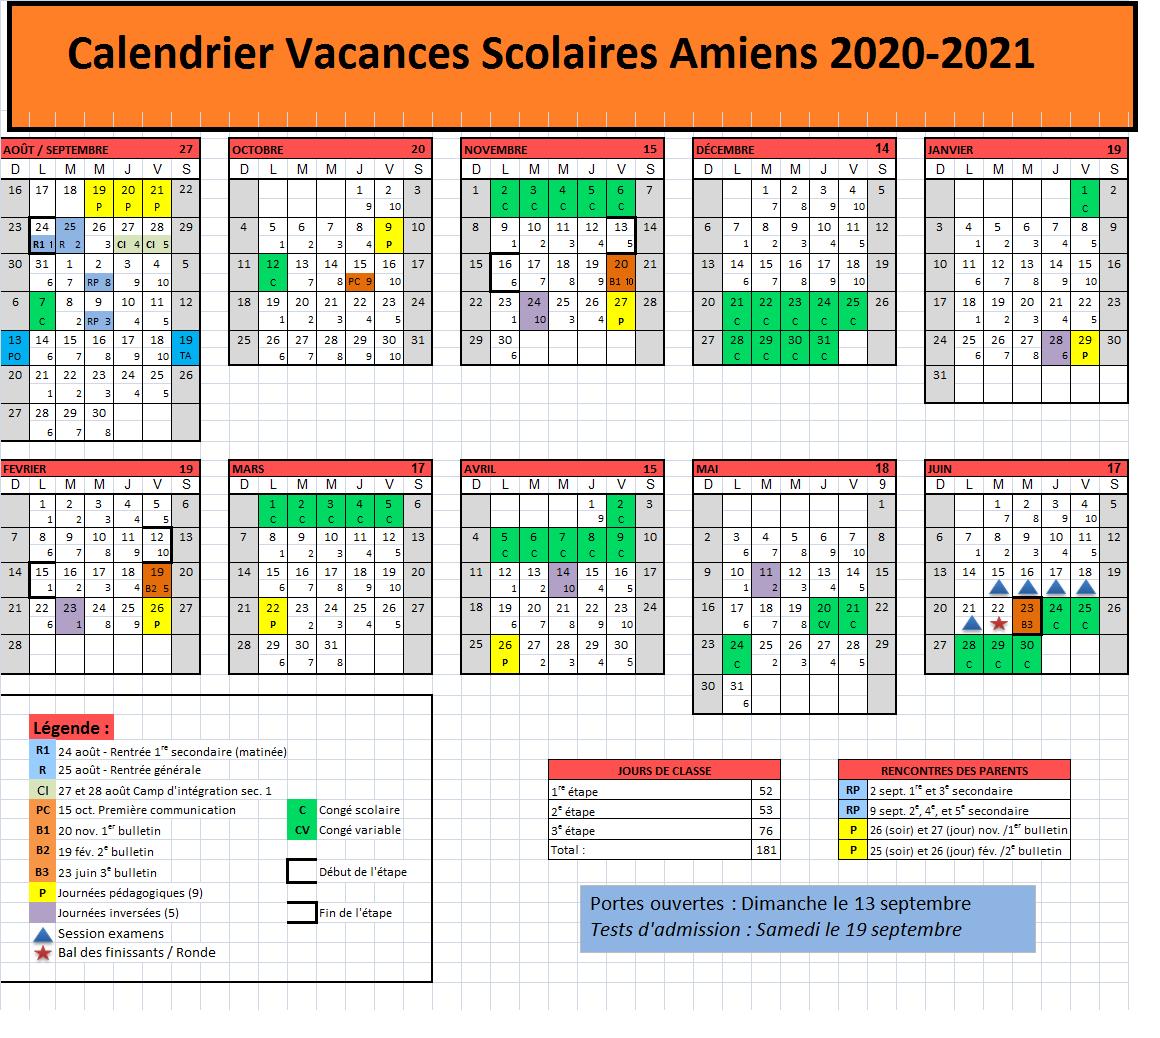 Dates Calendrier Vacances Scolaires Amiens 2020